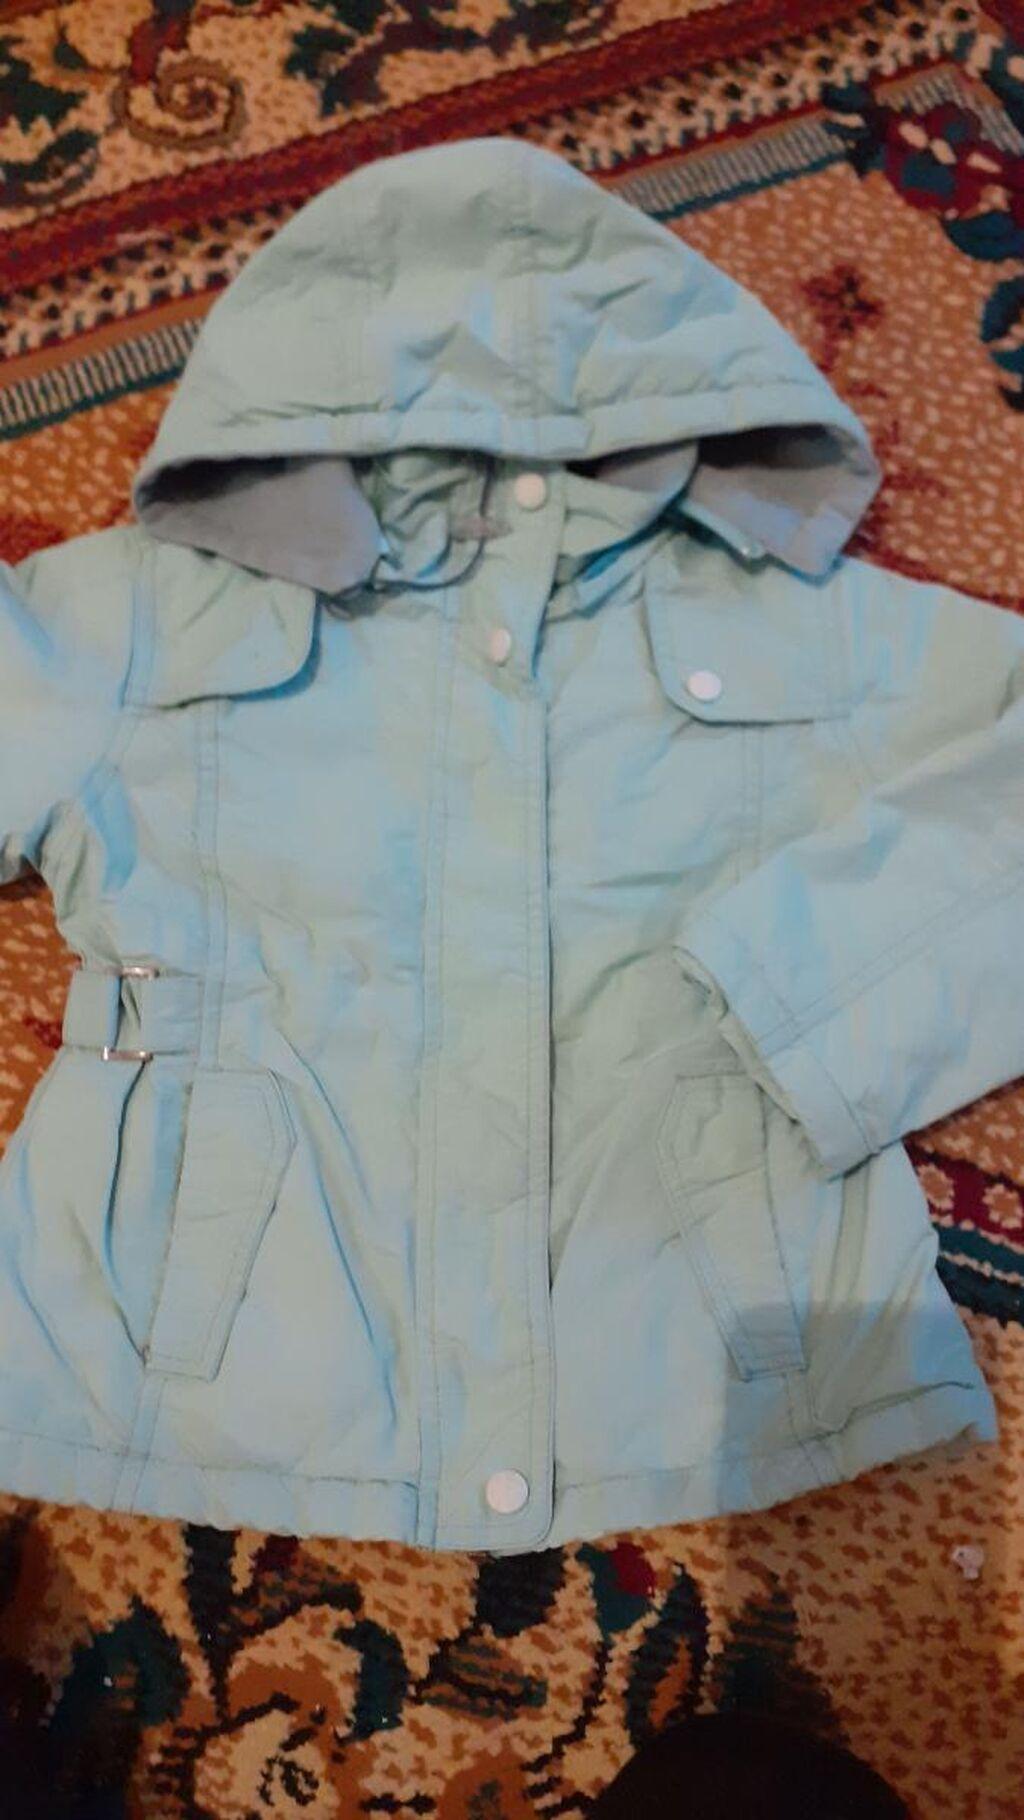 Куртка деми для девочки на 4-5 лет, лёгкая и теплая внутри флис , сверху дышащая ткань